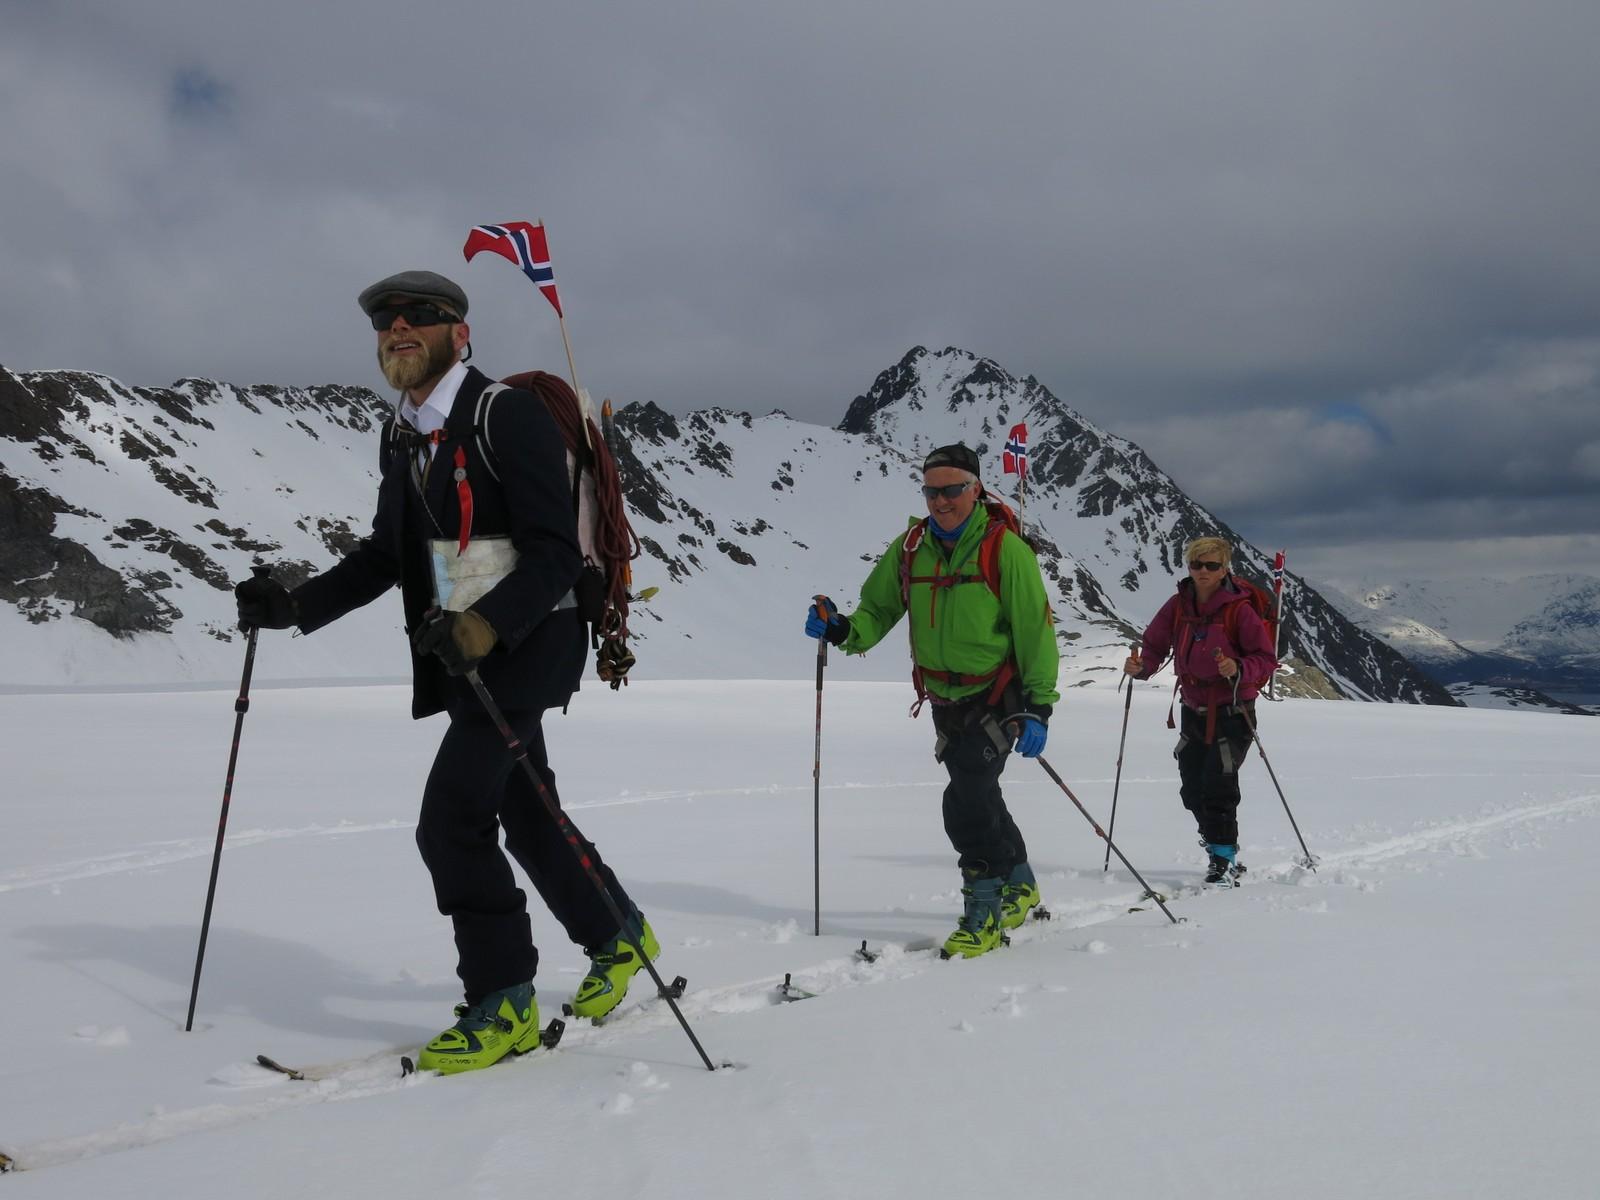 Mikal feirer 17. mai på fjellet med Bjørn Åge og Grethe i 2015.